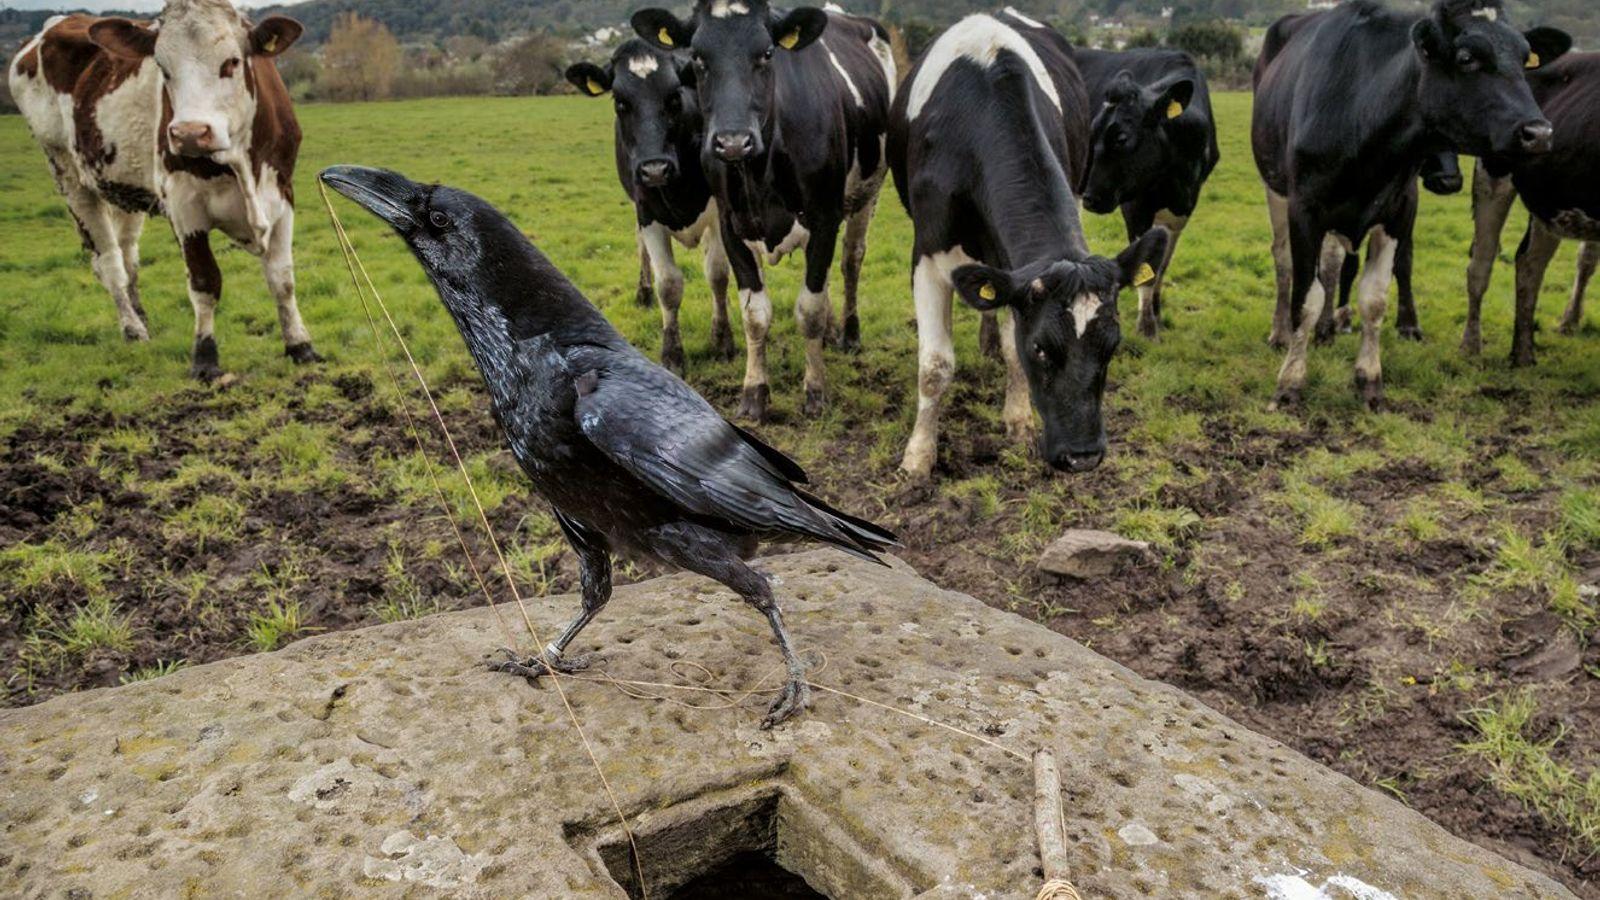 Les nestors kéas, des perroquets néo-zélandais, sont connus pour leur curiosité – une marque d'intelligence. Dans ...